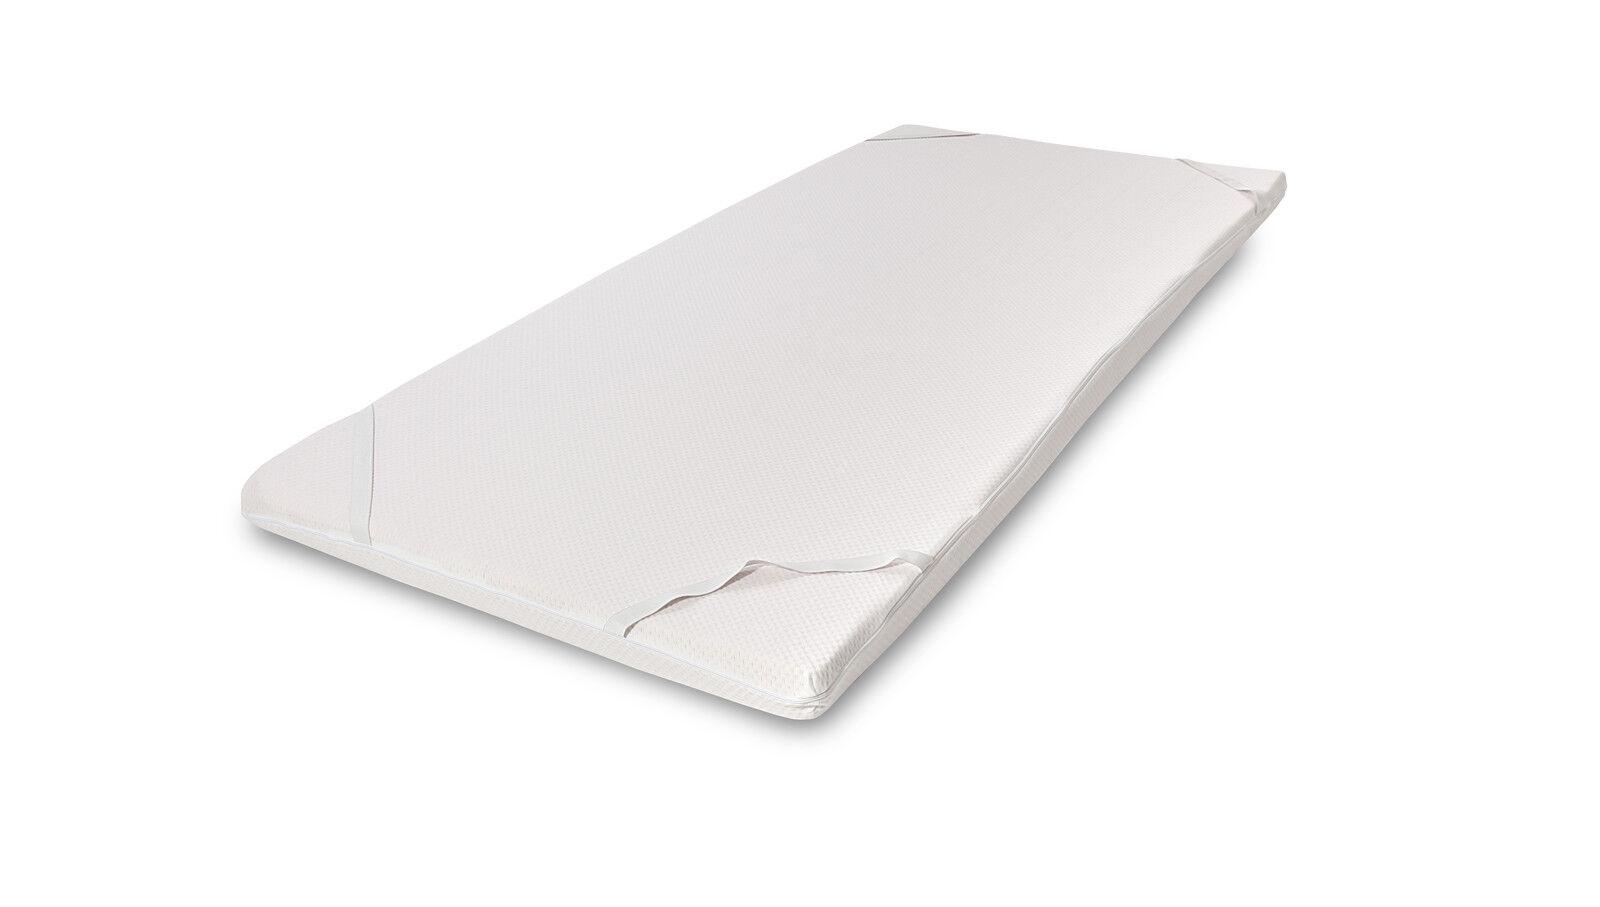 viscoelastische matratzenauflage h he 4 5 7 cm weiche. Black Bedroom Furniture Sets. Home Design Ideas